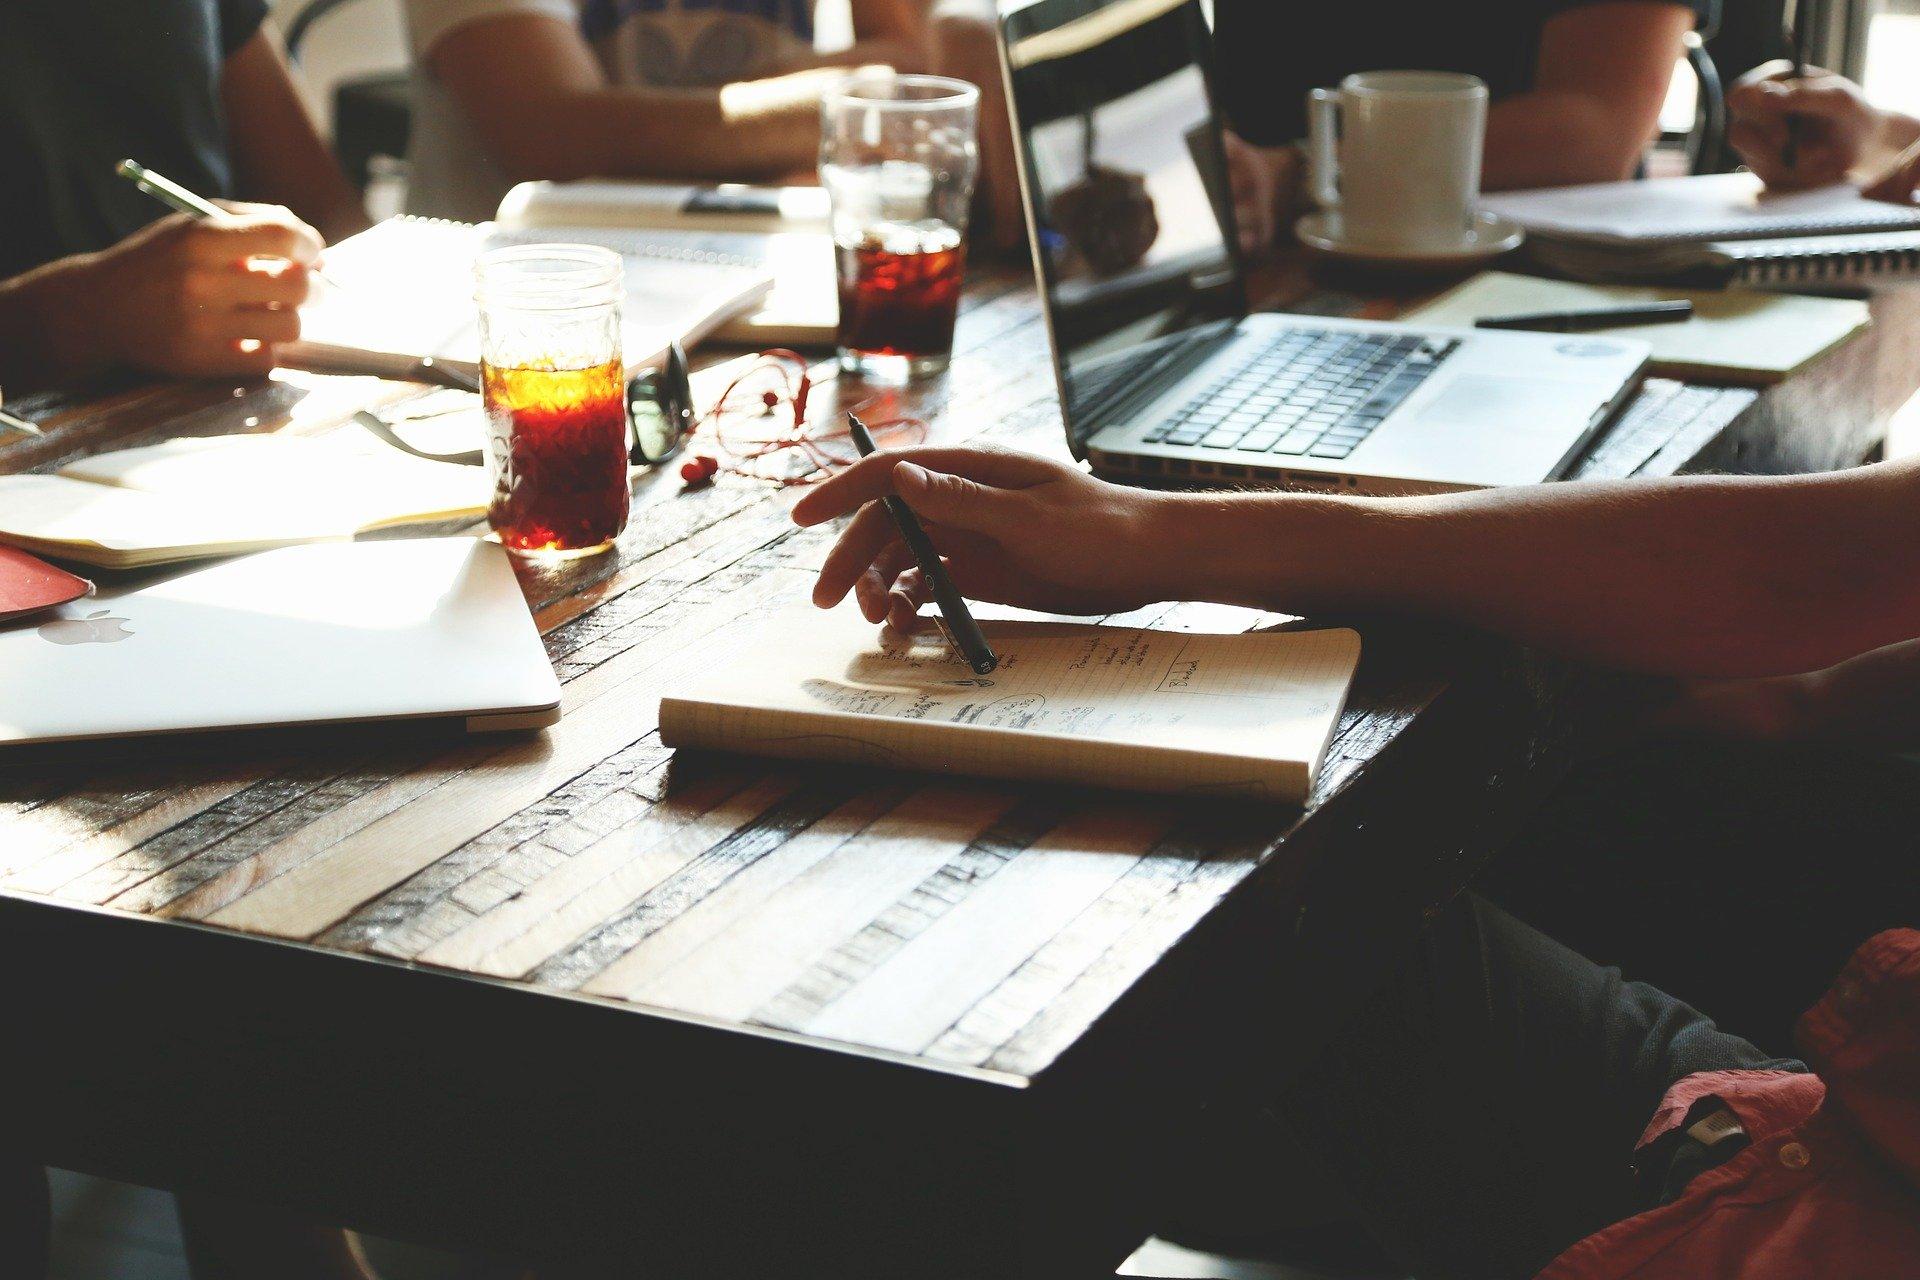 Overvej, hvad et sidemandsoplæring kursus eller et præsentationsteknik kursus kan gøre for dine medarbejdere.